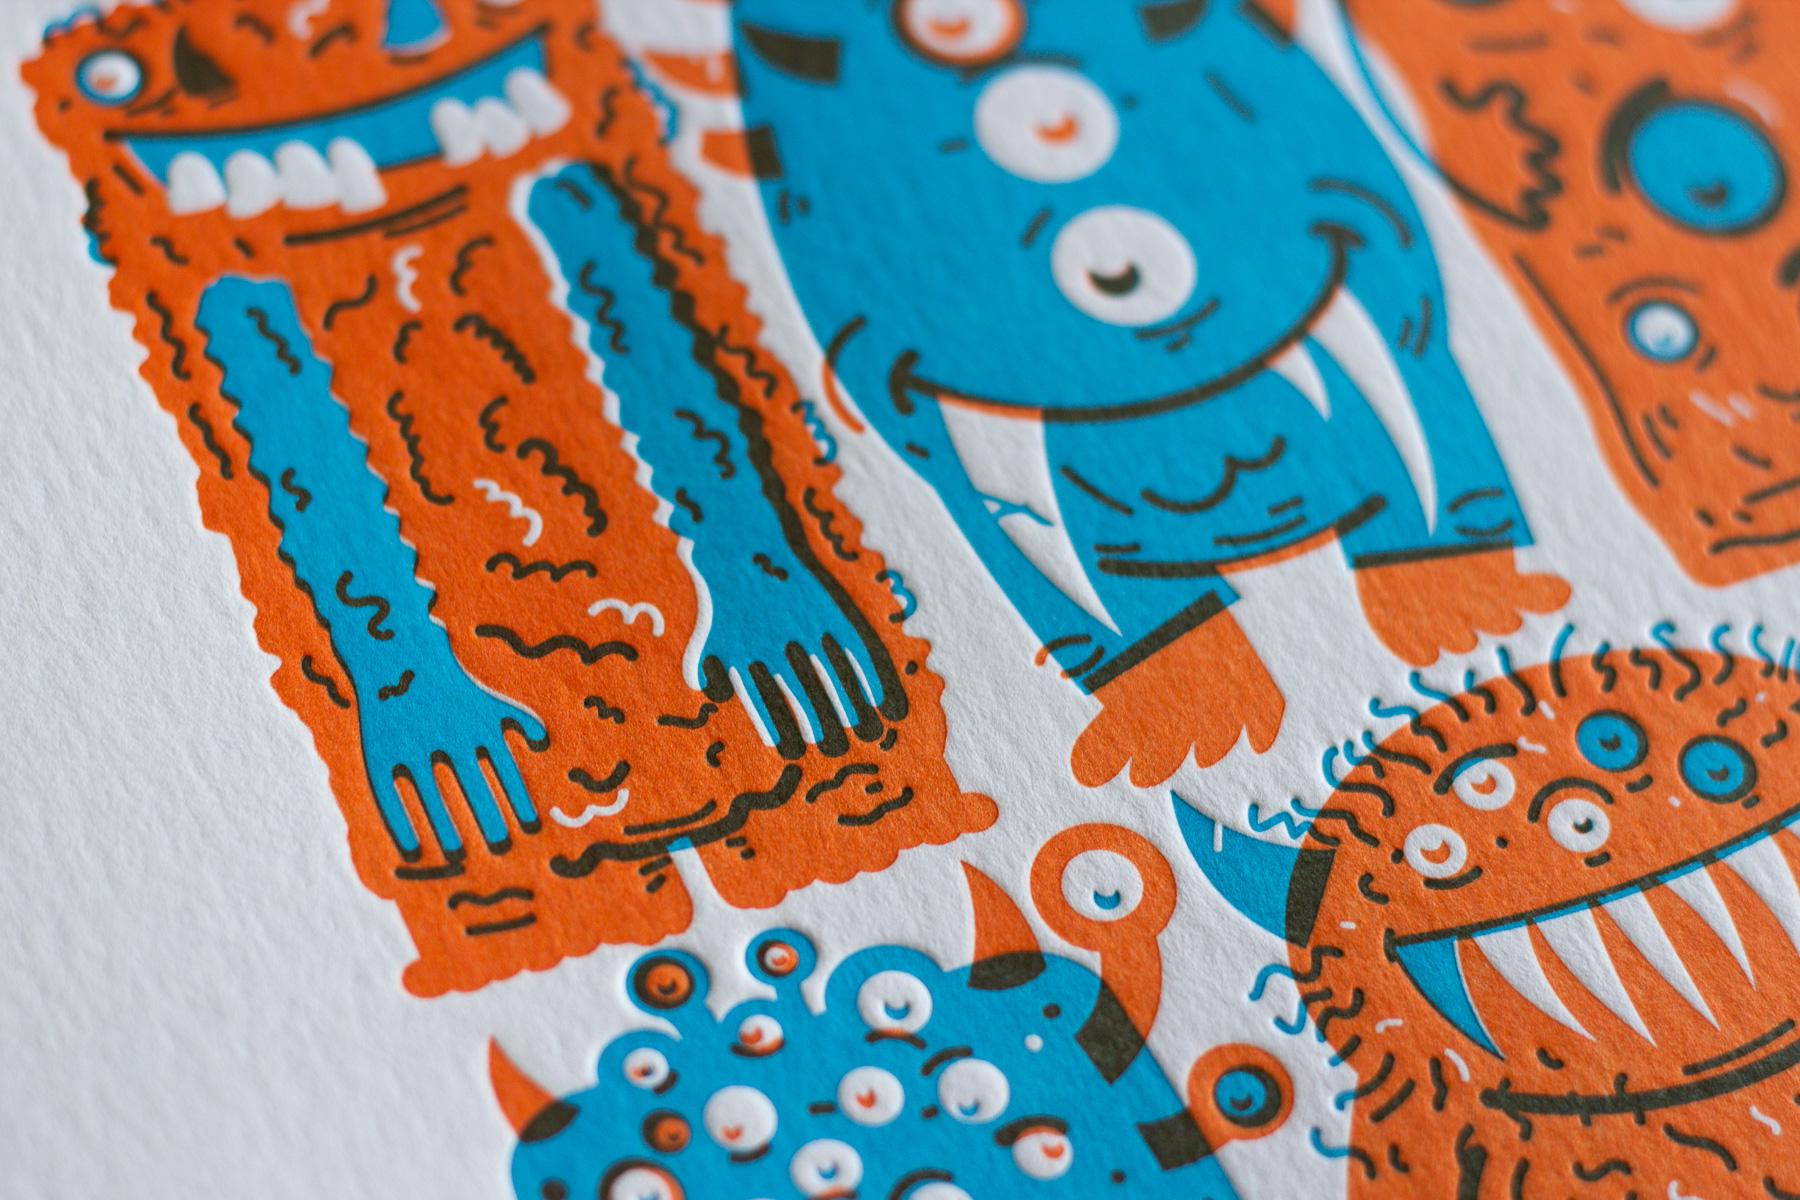 Michael Langenegger Monster Letterpress Art Print x Hungry Workshop-09